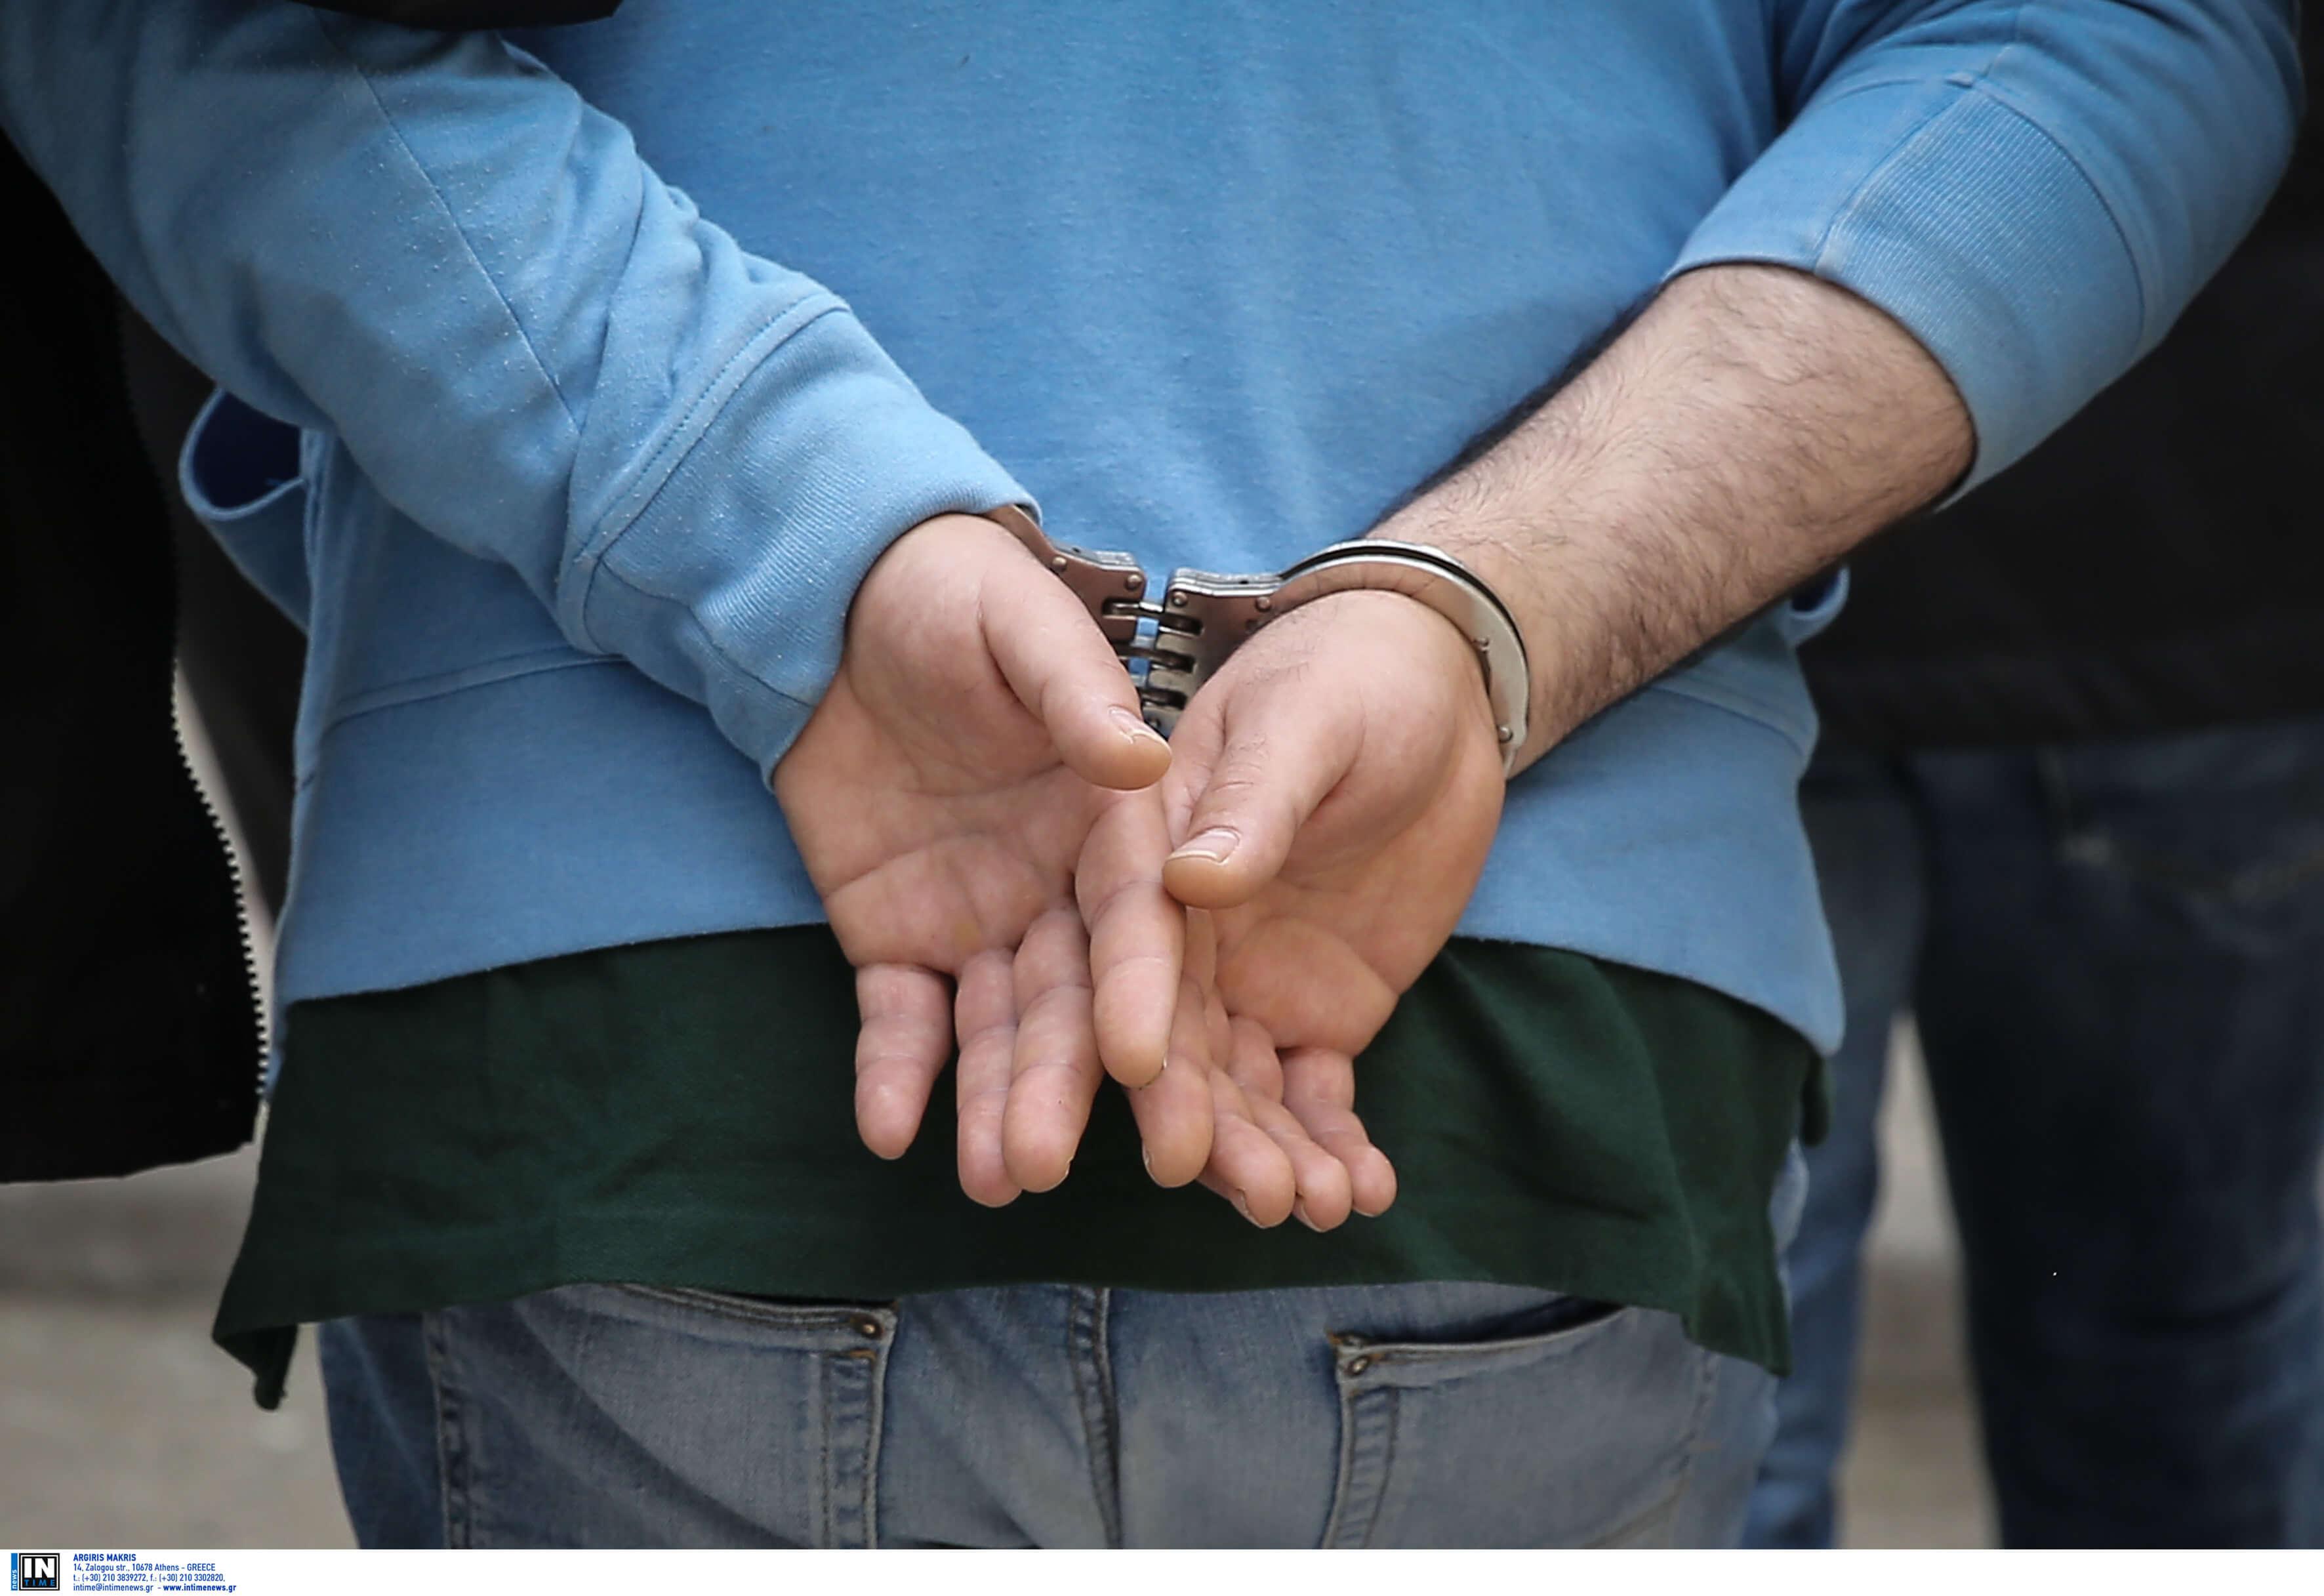 Ήπειρος: Στη φυλακή αθλητικός παράγοντας για αποπλάνηση ανήλικων αγοριών – Τον έκαψαν νέα στοιχεία!